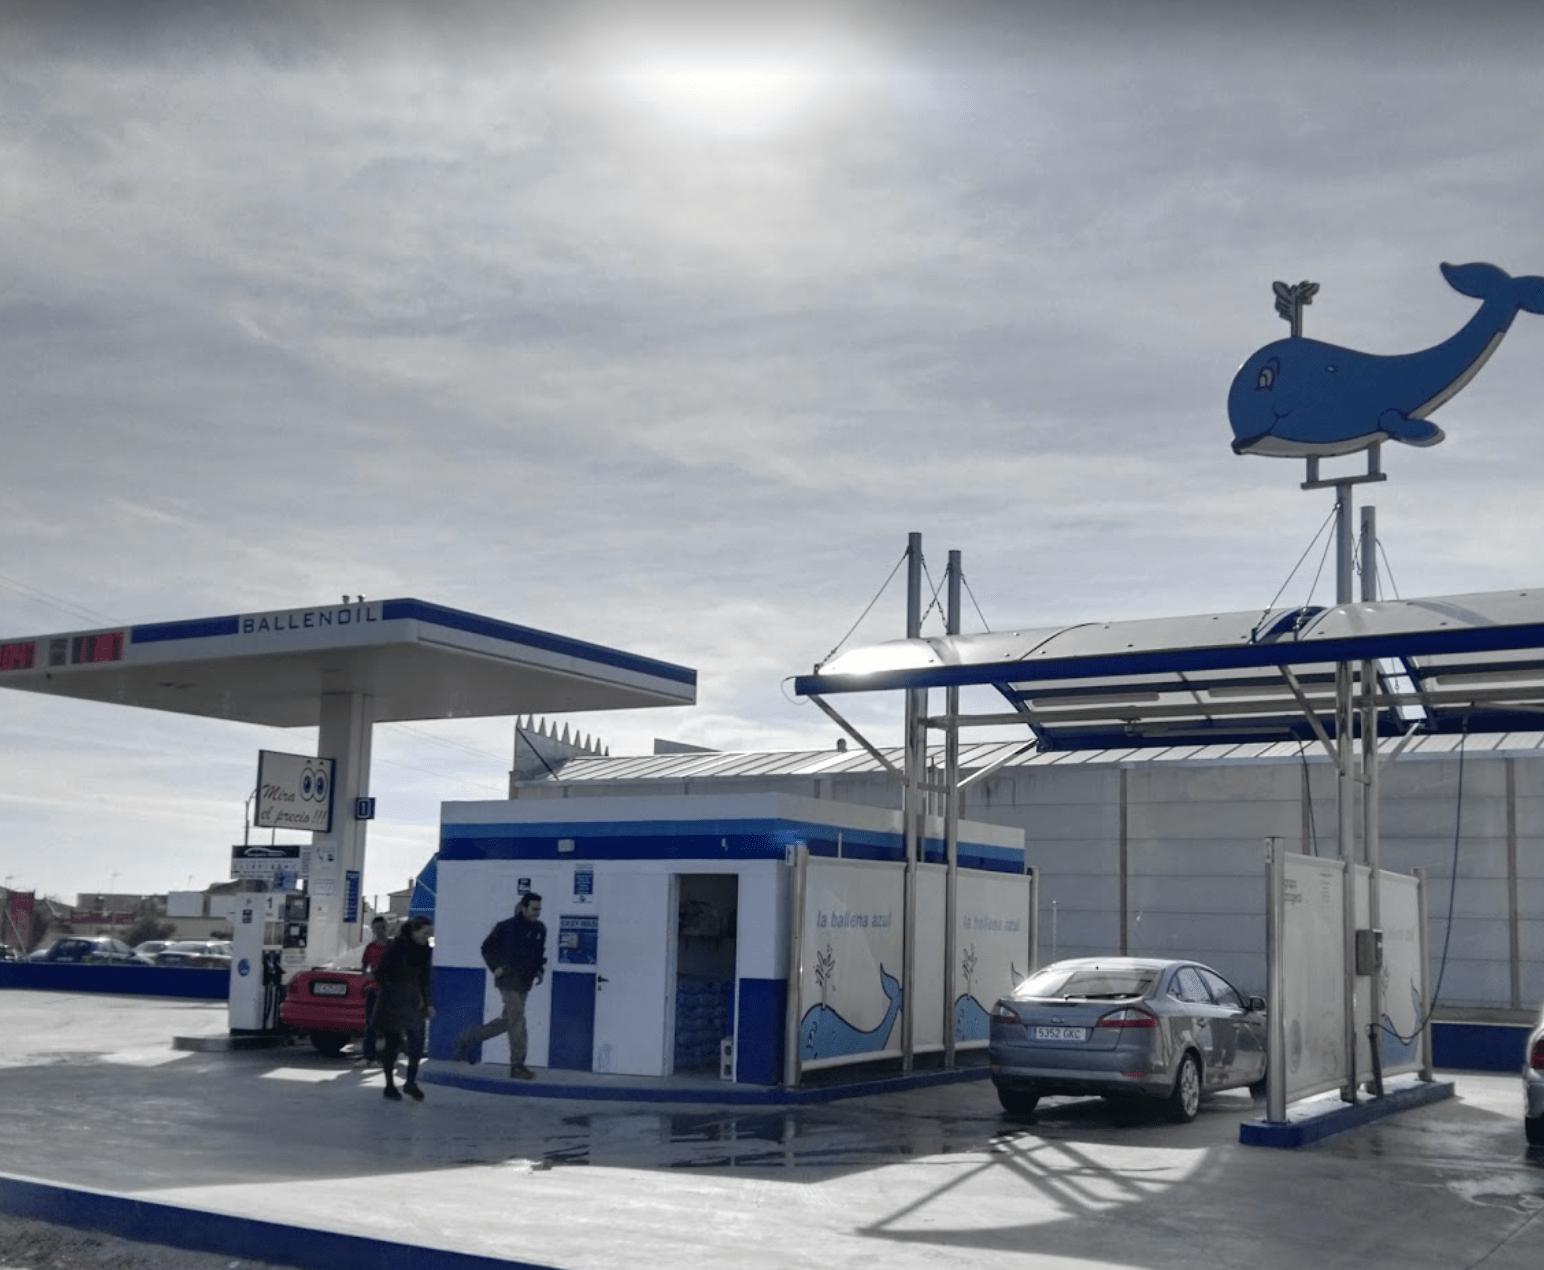 Gasolinera Ballenoil Viso del Alcor